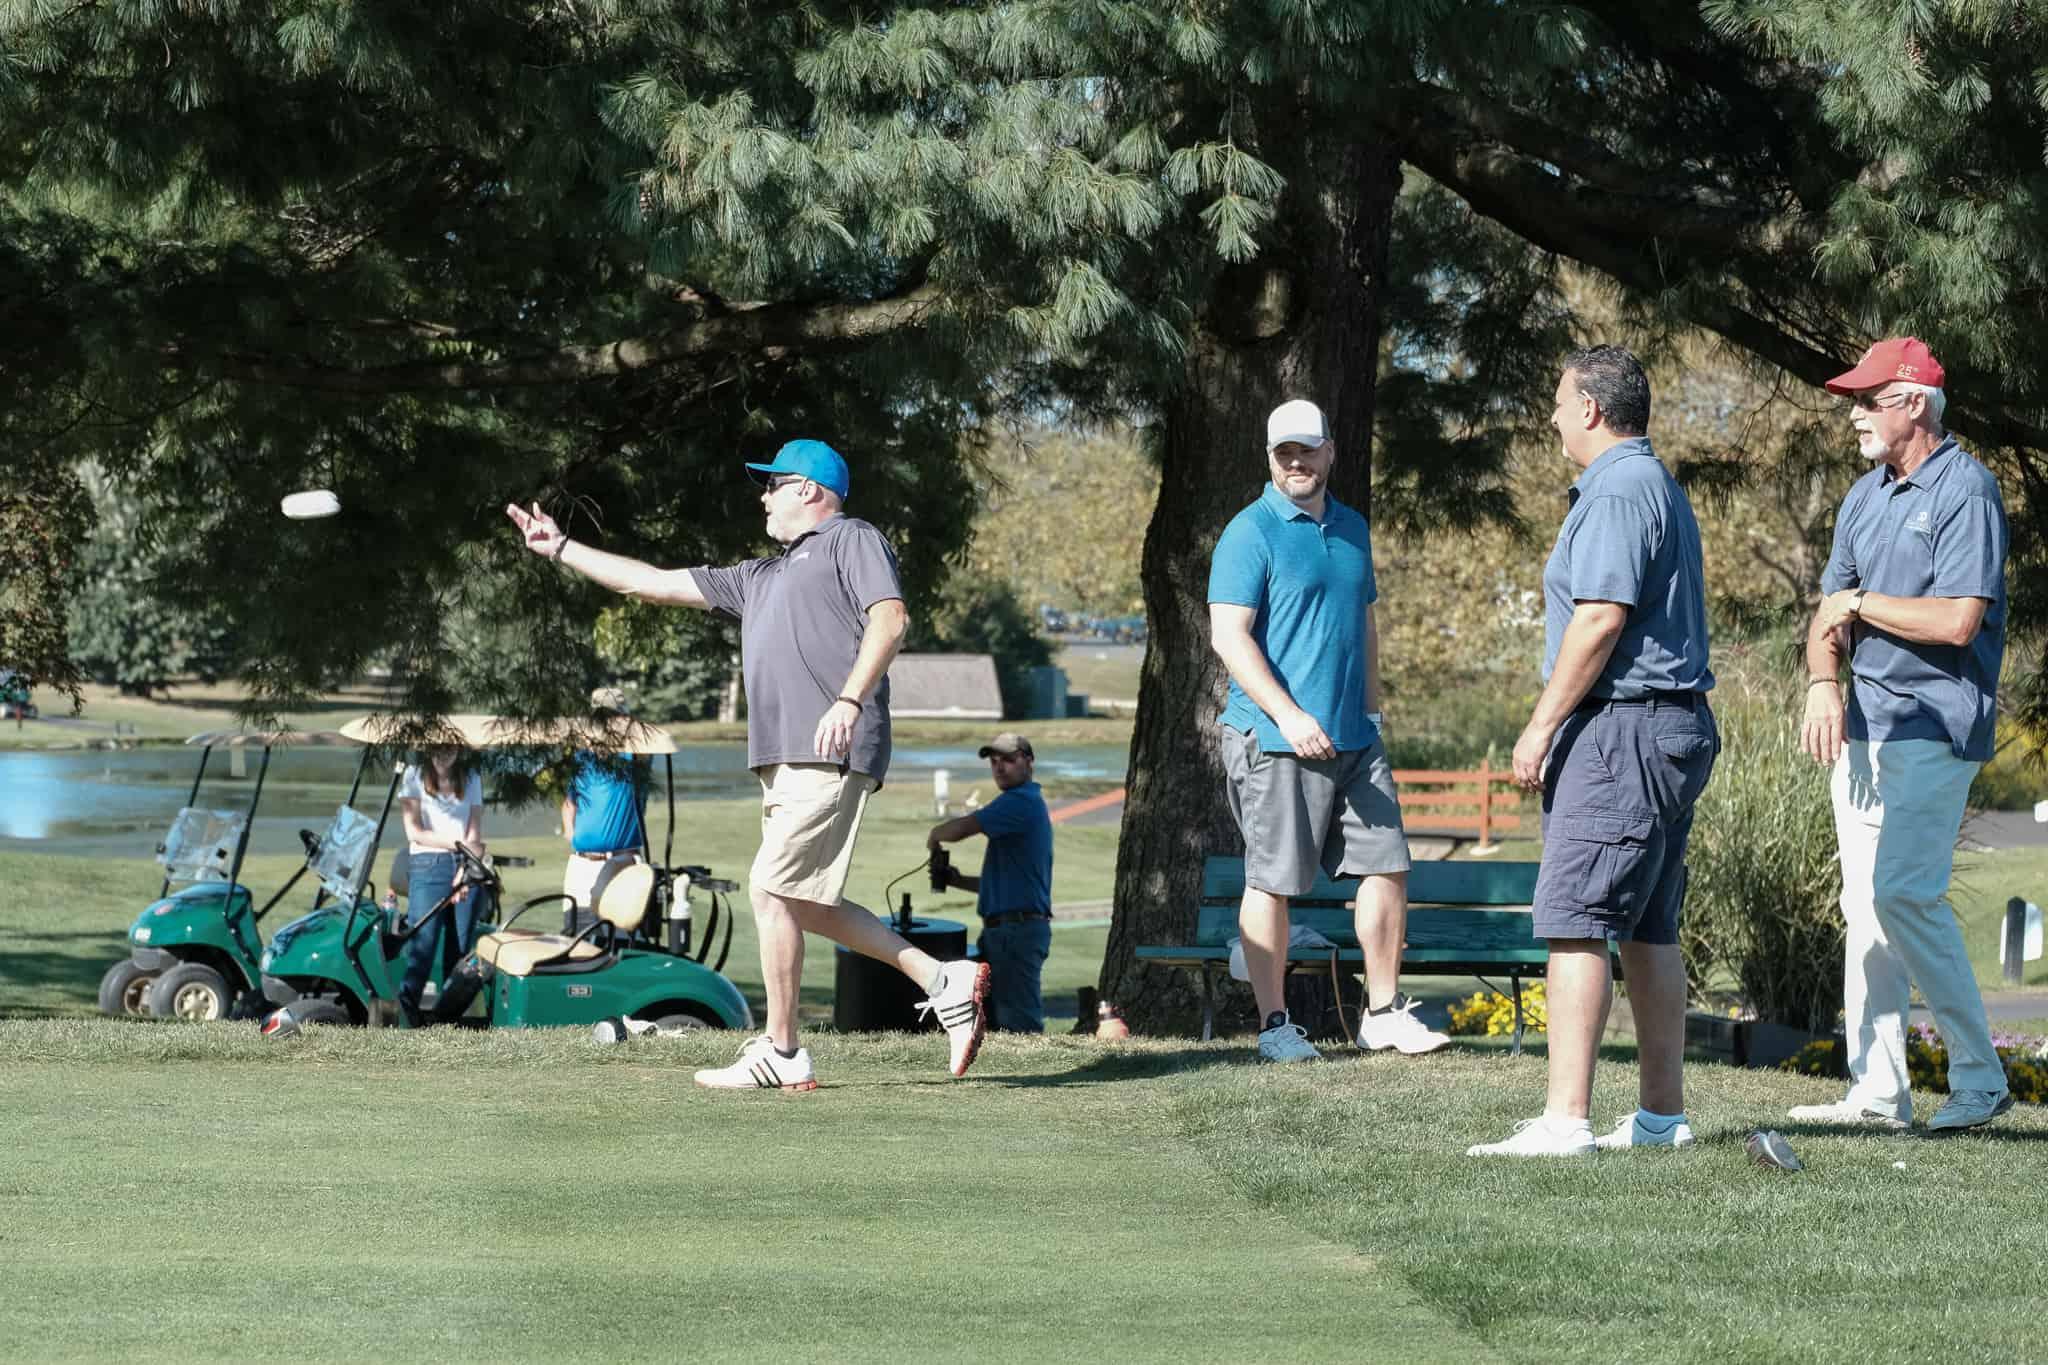 GolfOuting2019 (39 of 61)